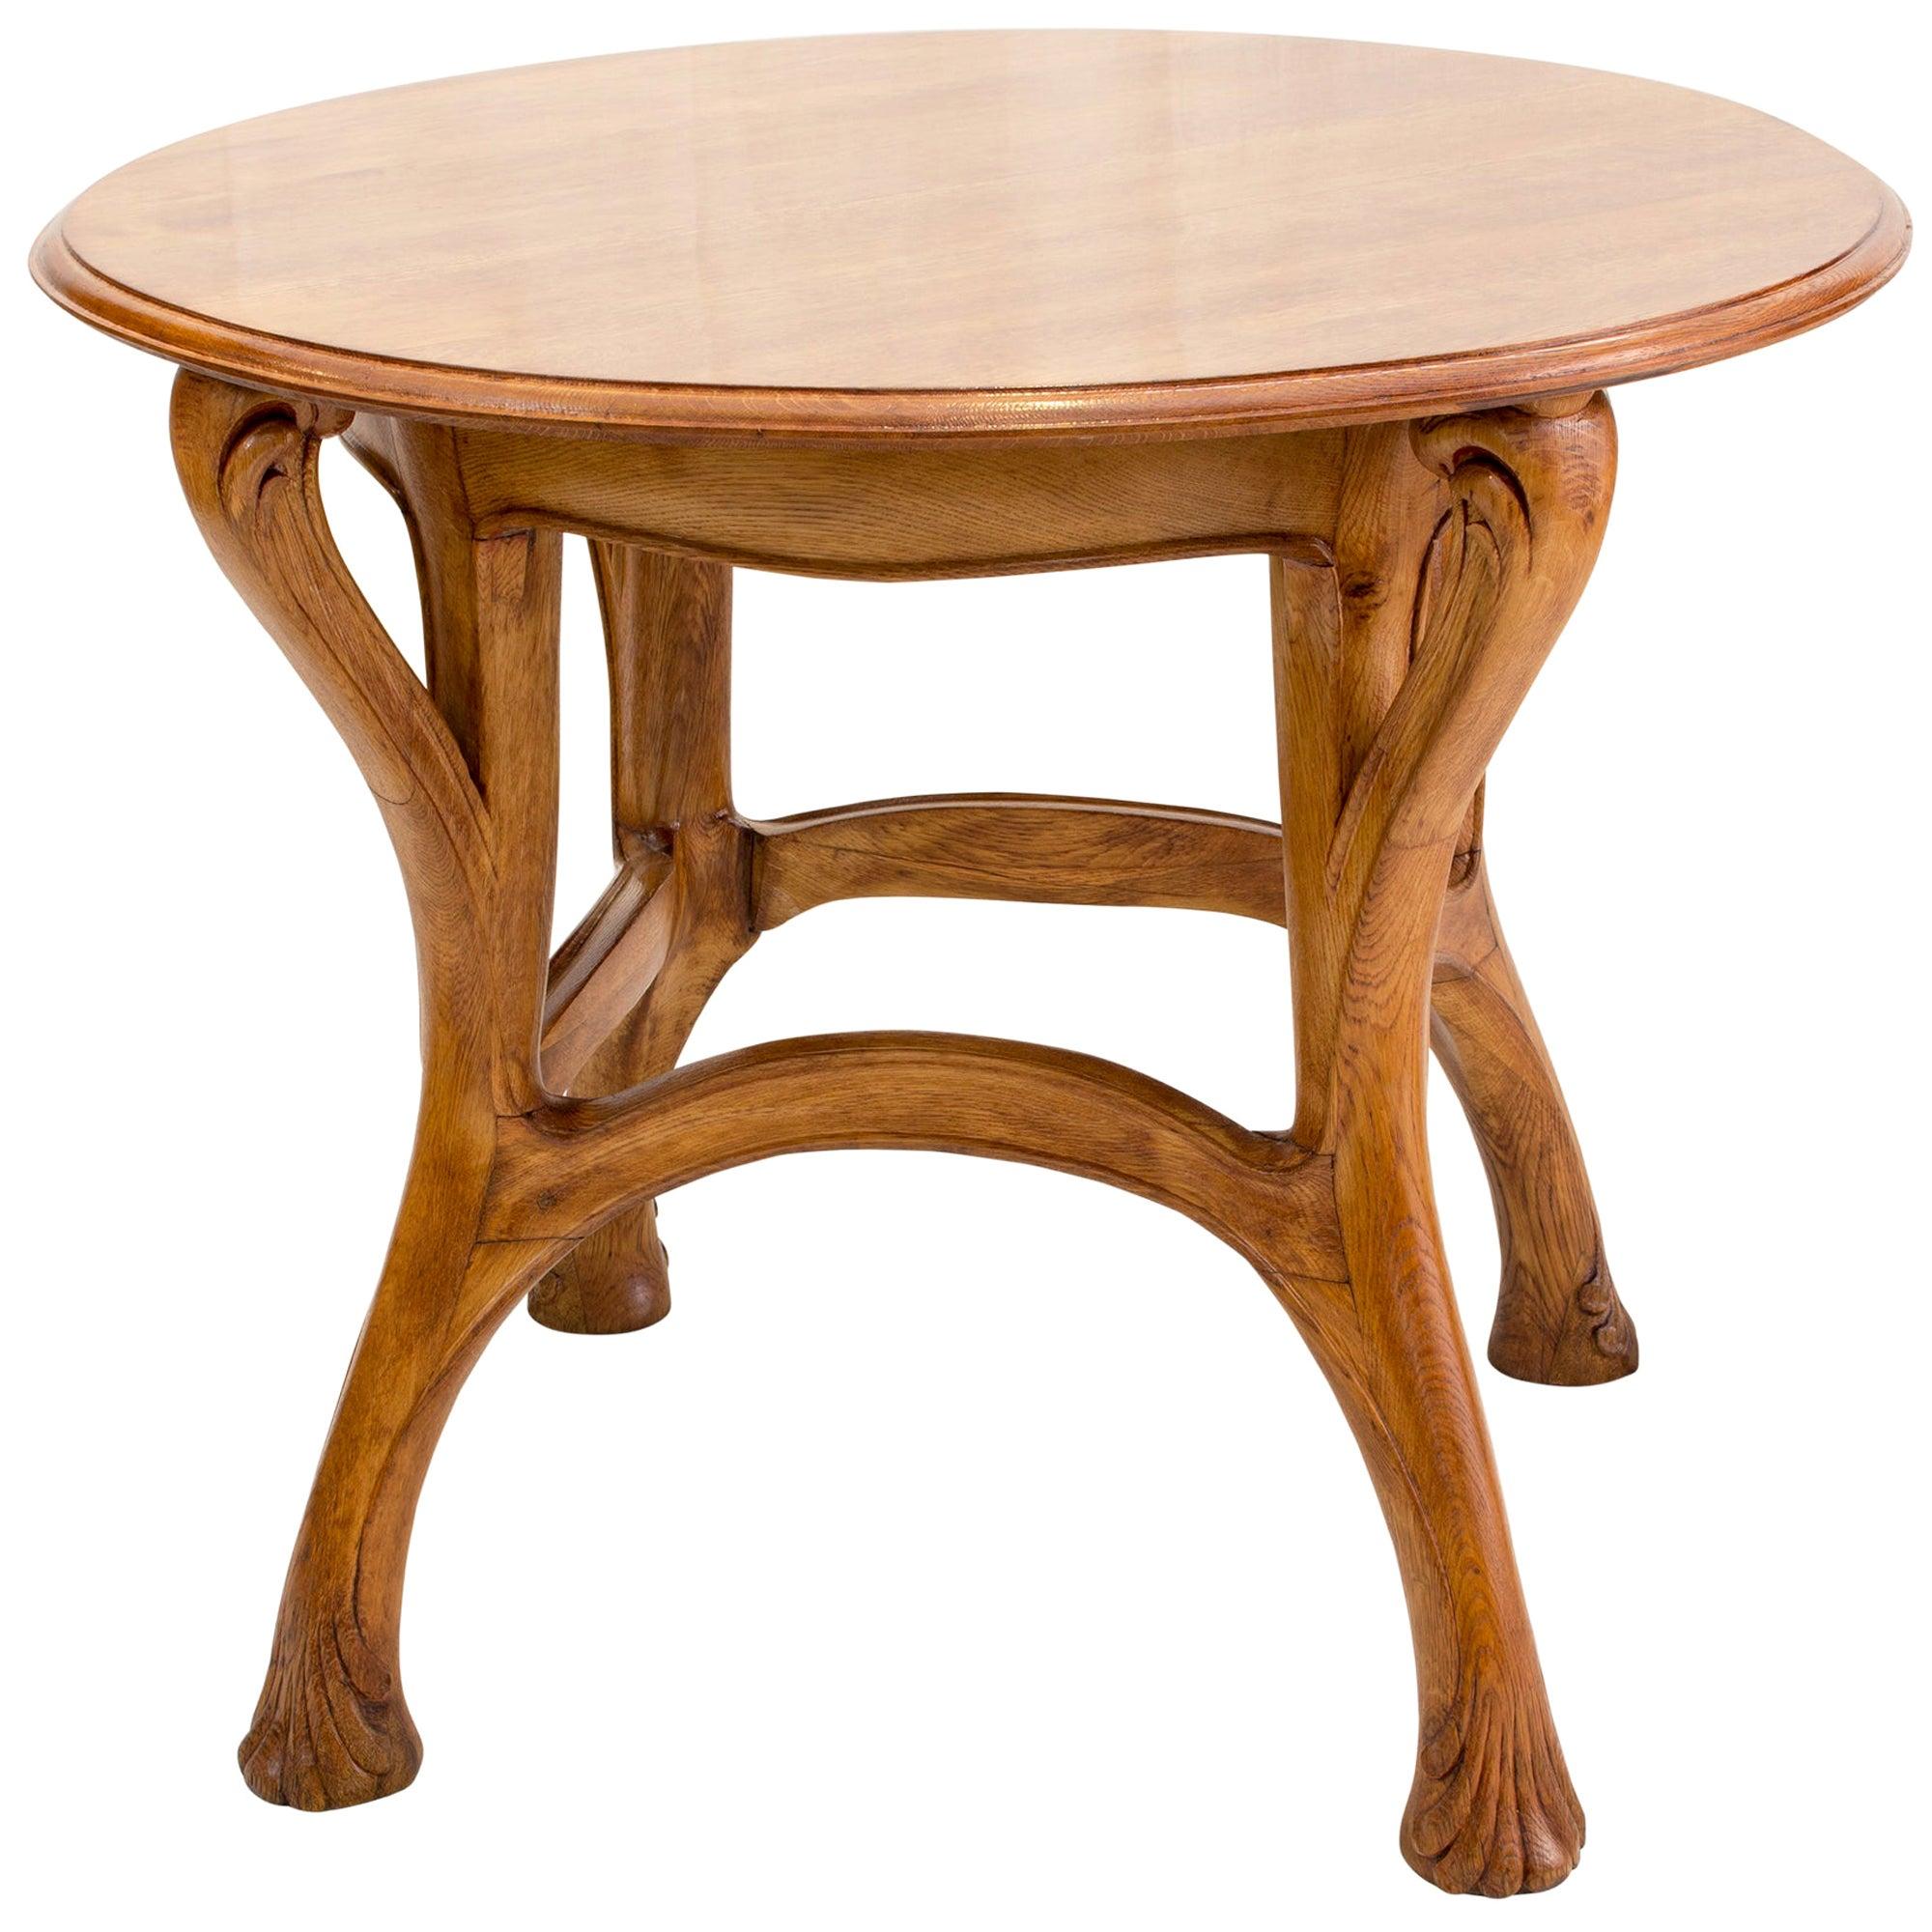 Louis Majorelle Art Nouveau Oak Round Table